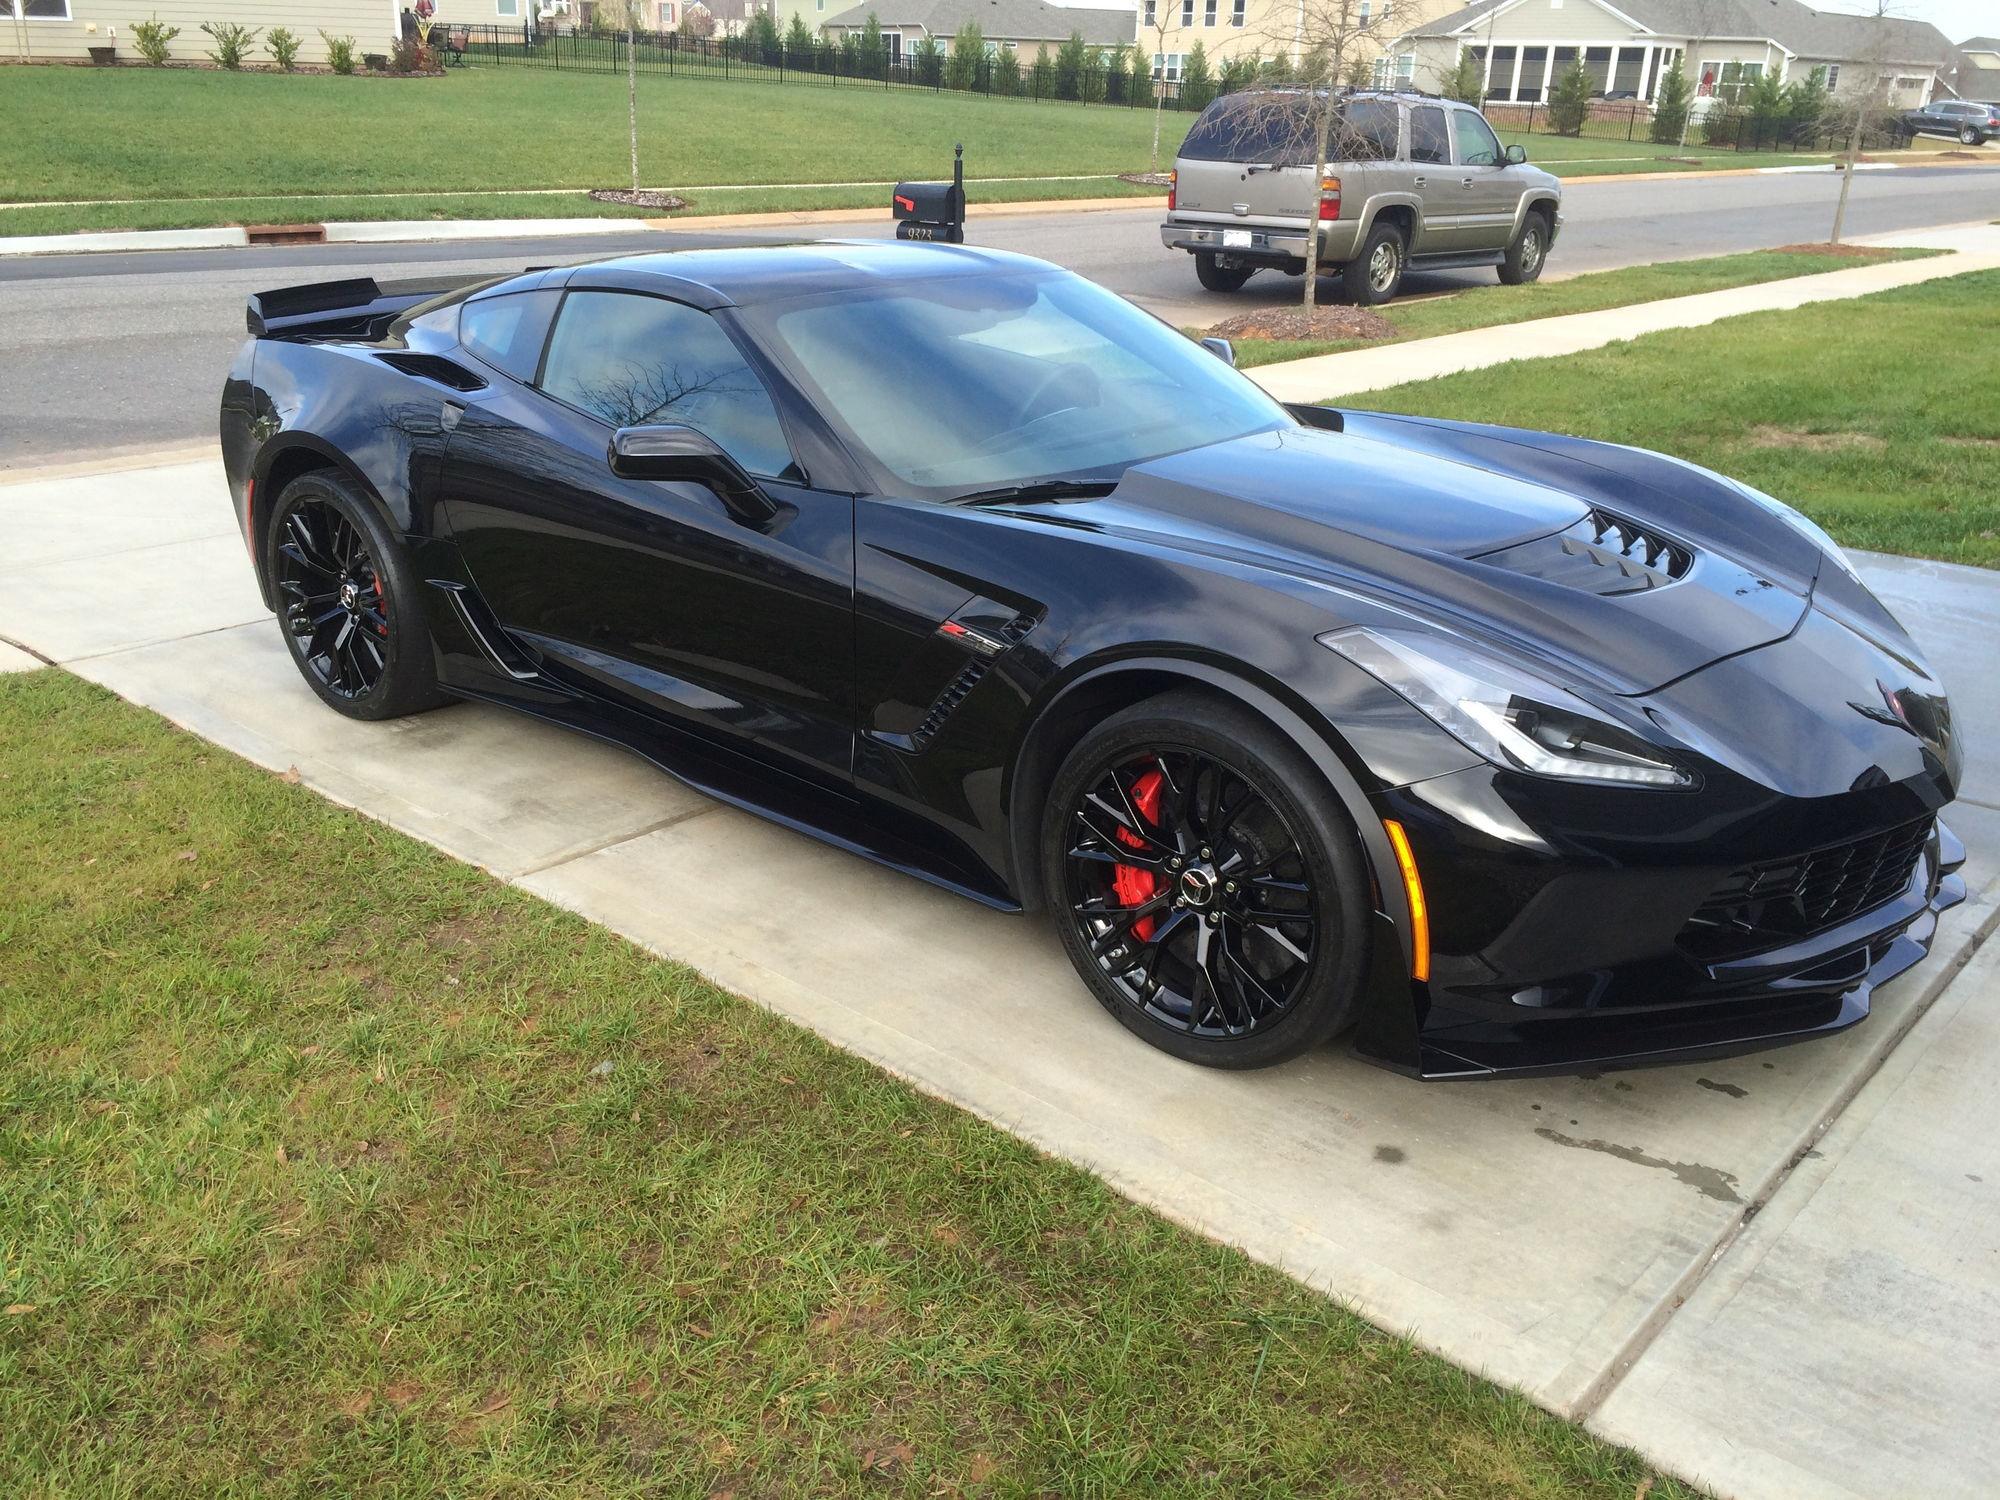 C7 z06 vin registry tracking list page 36 corvetteforum chevrolet corvette forum discussion